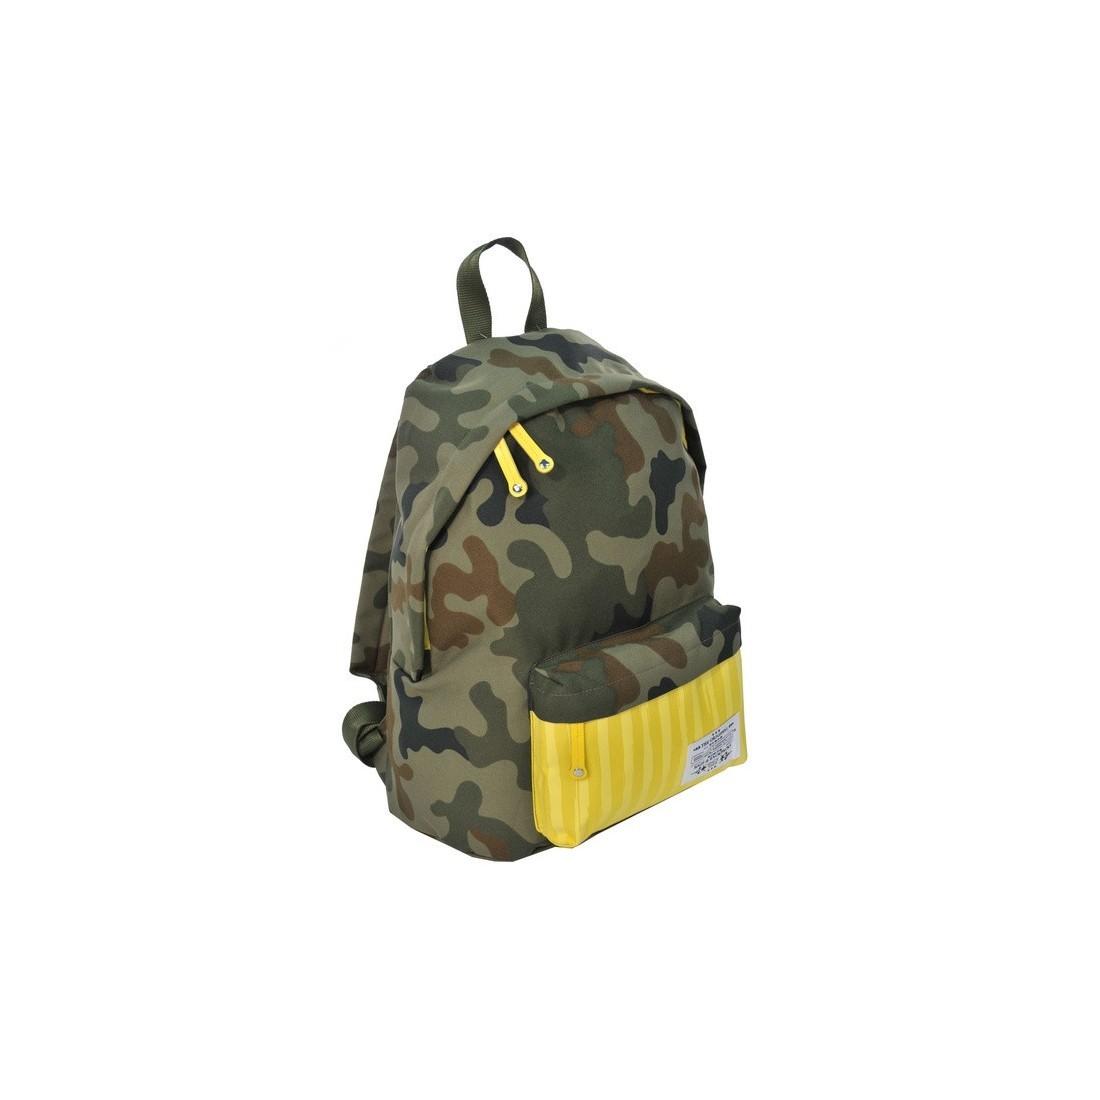 Plecak młodzieżowy Ciemne Moro żółty w paski